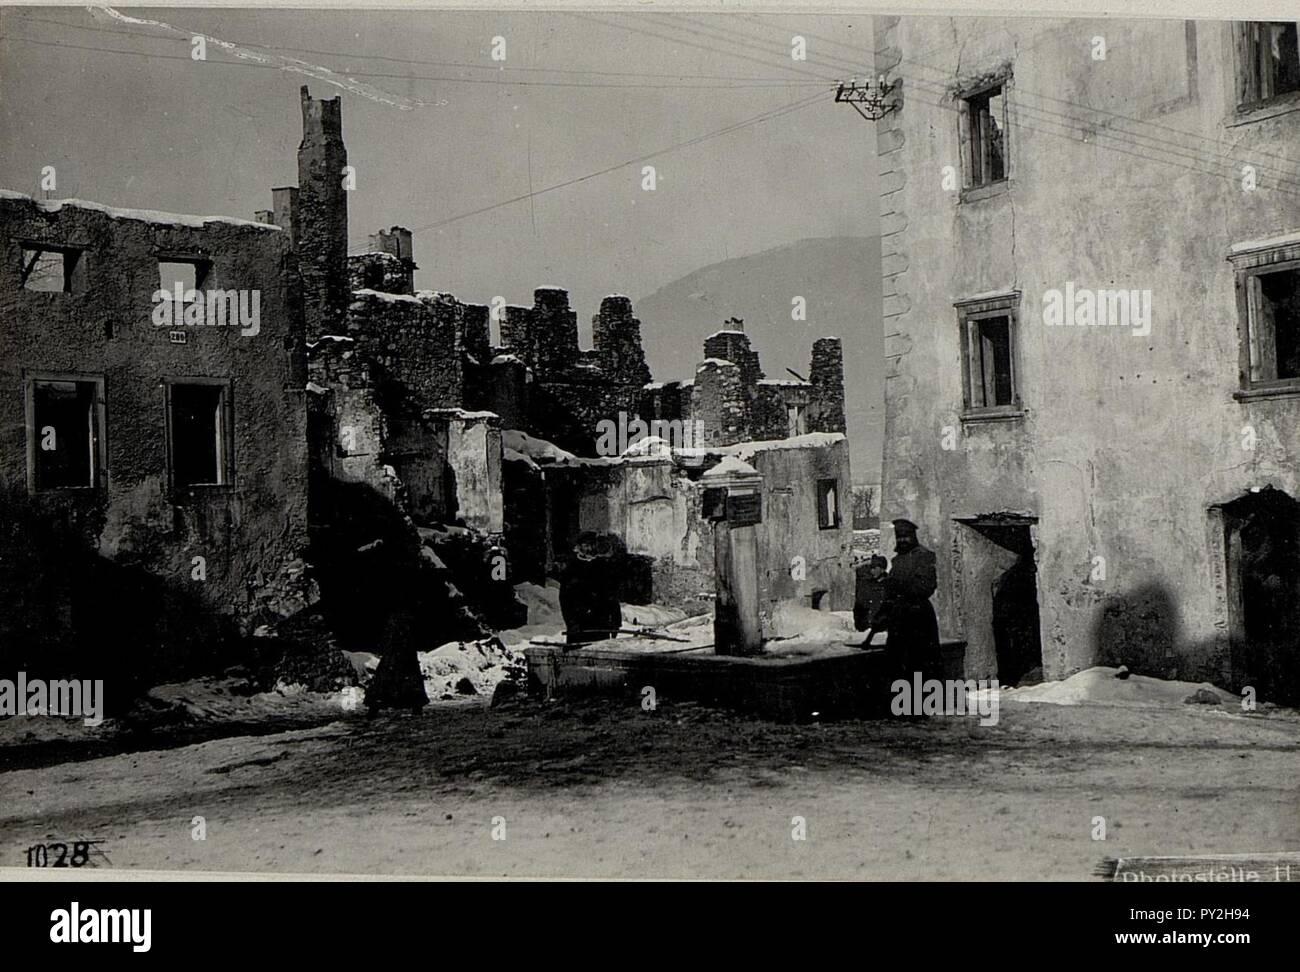 Abgebrannte Häuser.   Stock Image